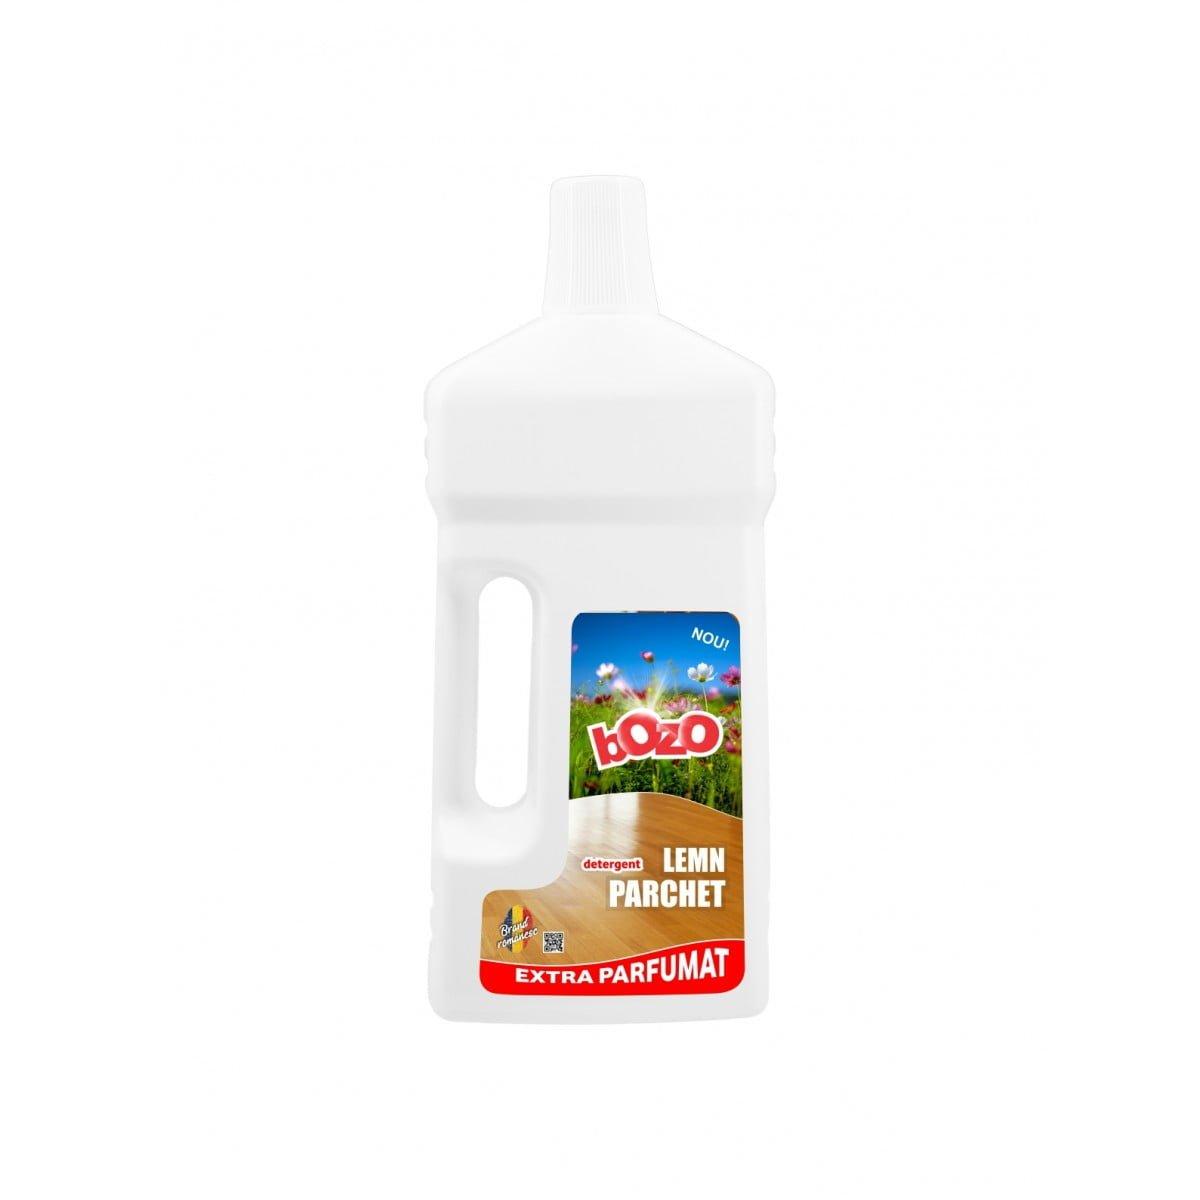 Detergent concentrat lemn + parchet, Bozo, 1 kg poza somnart.ro